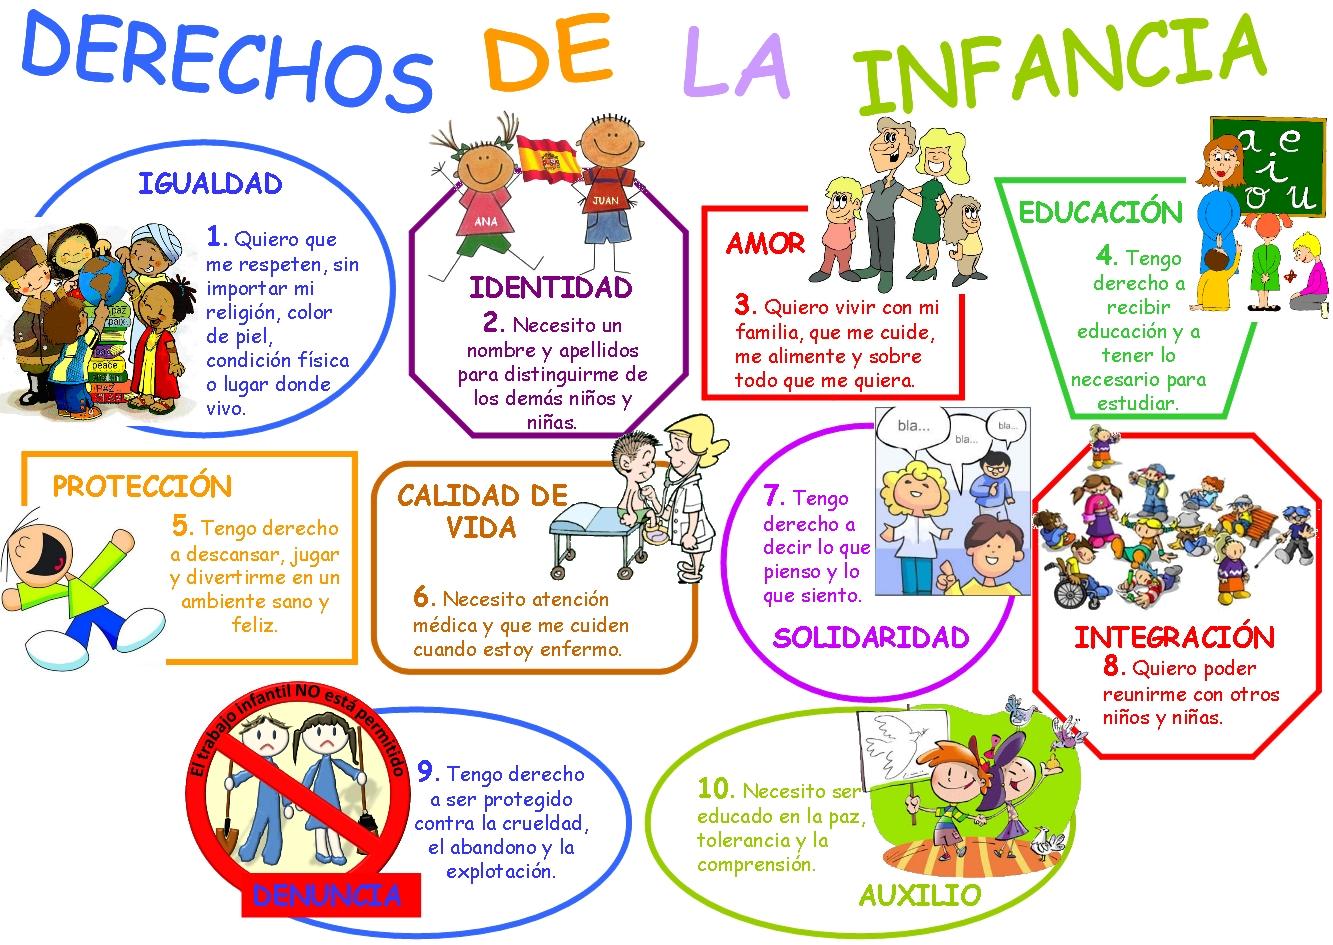 Los derechos del ni o dia de la infancia imagen - Todo para el hogar barato ...